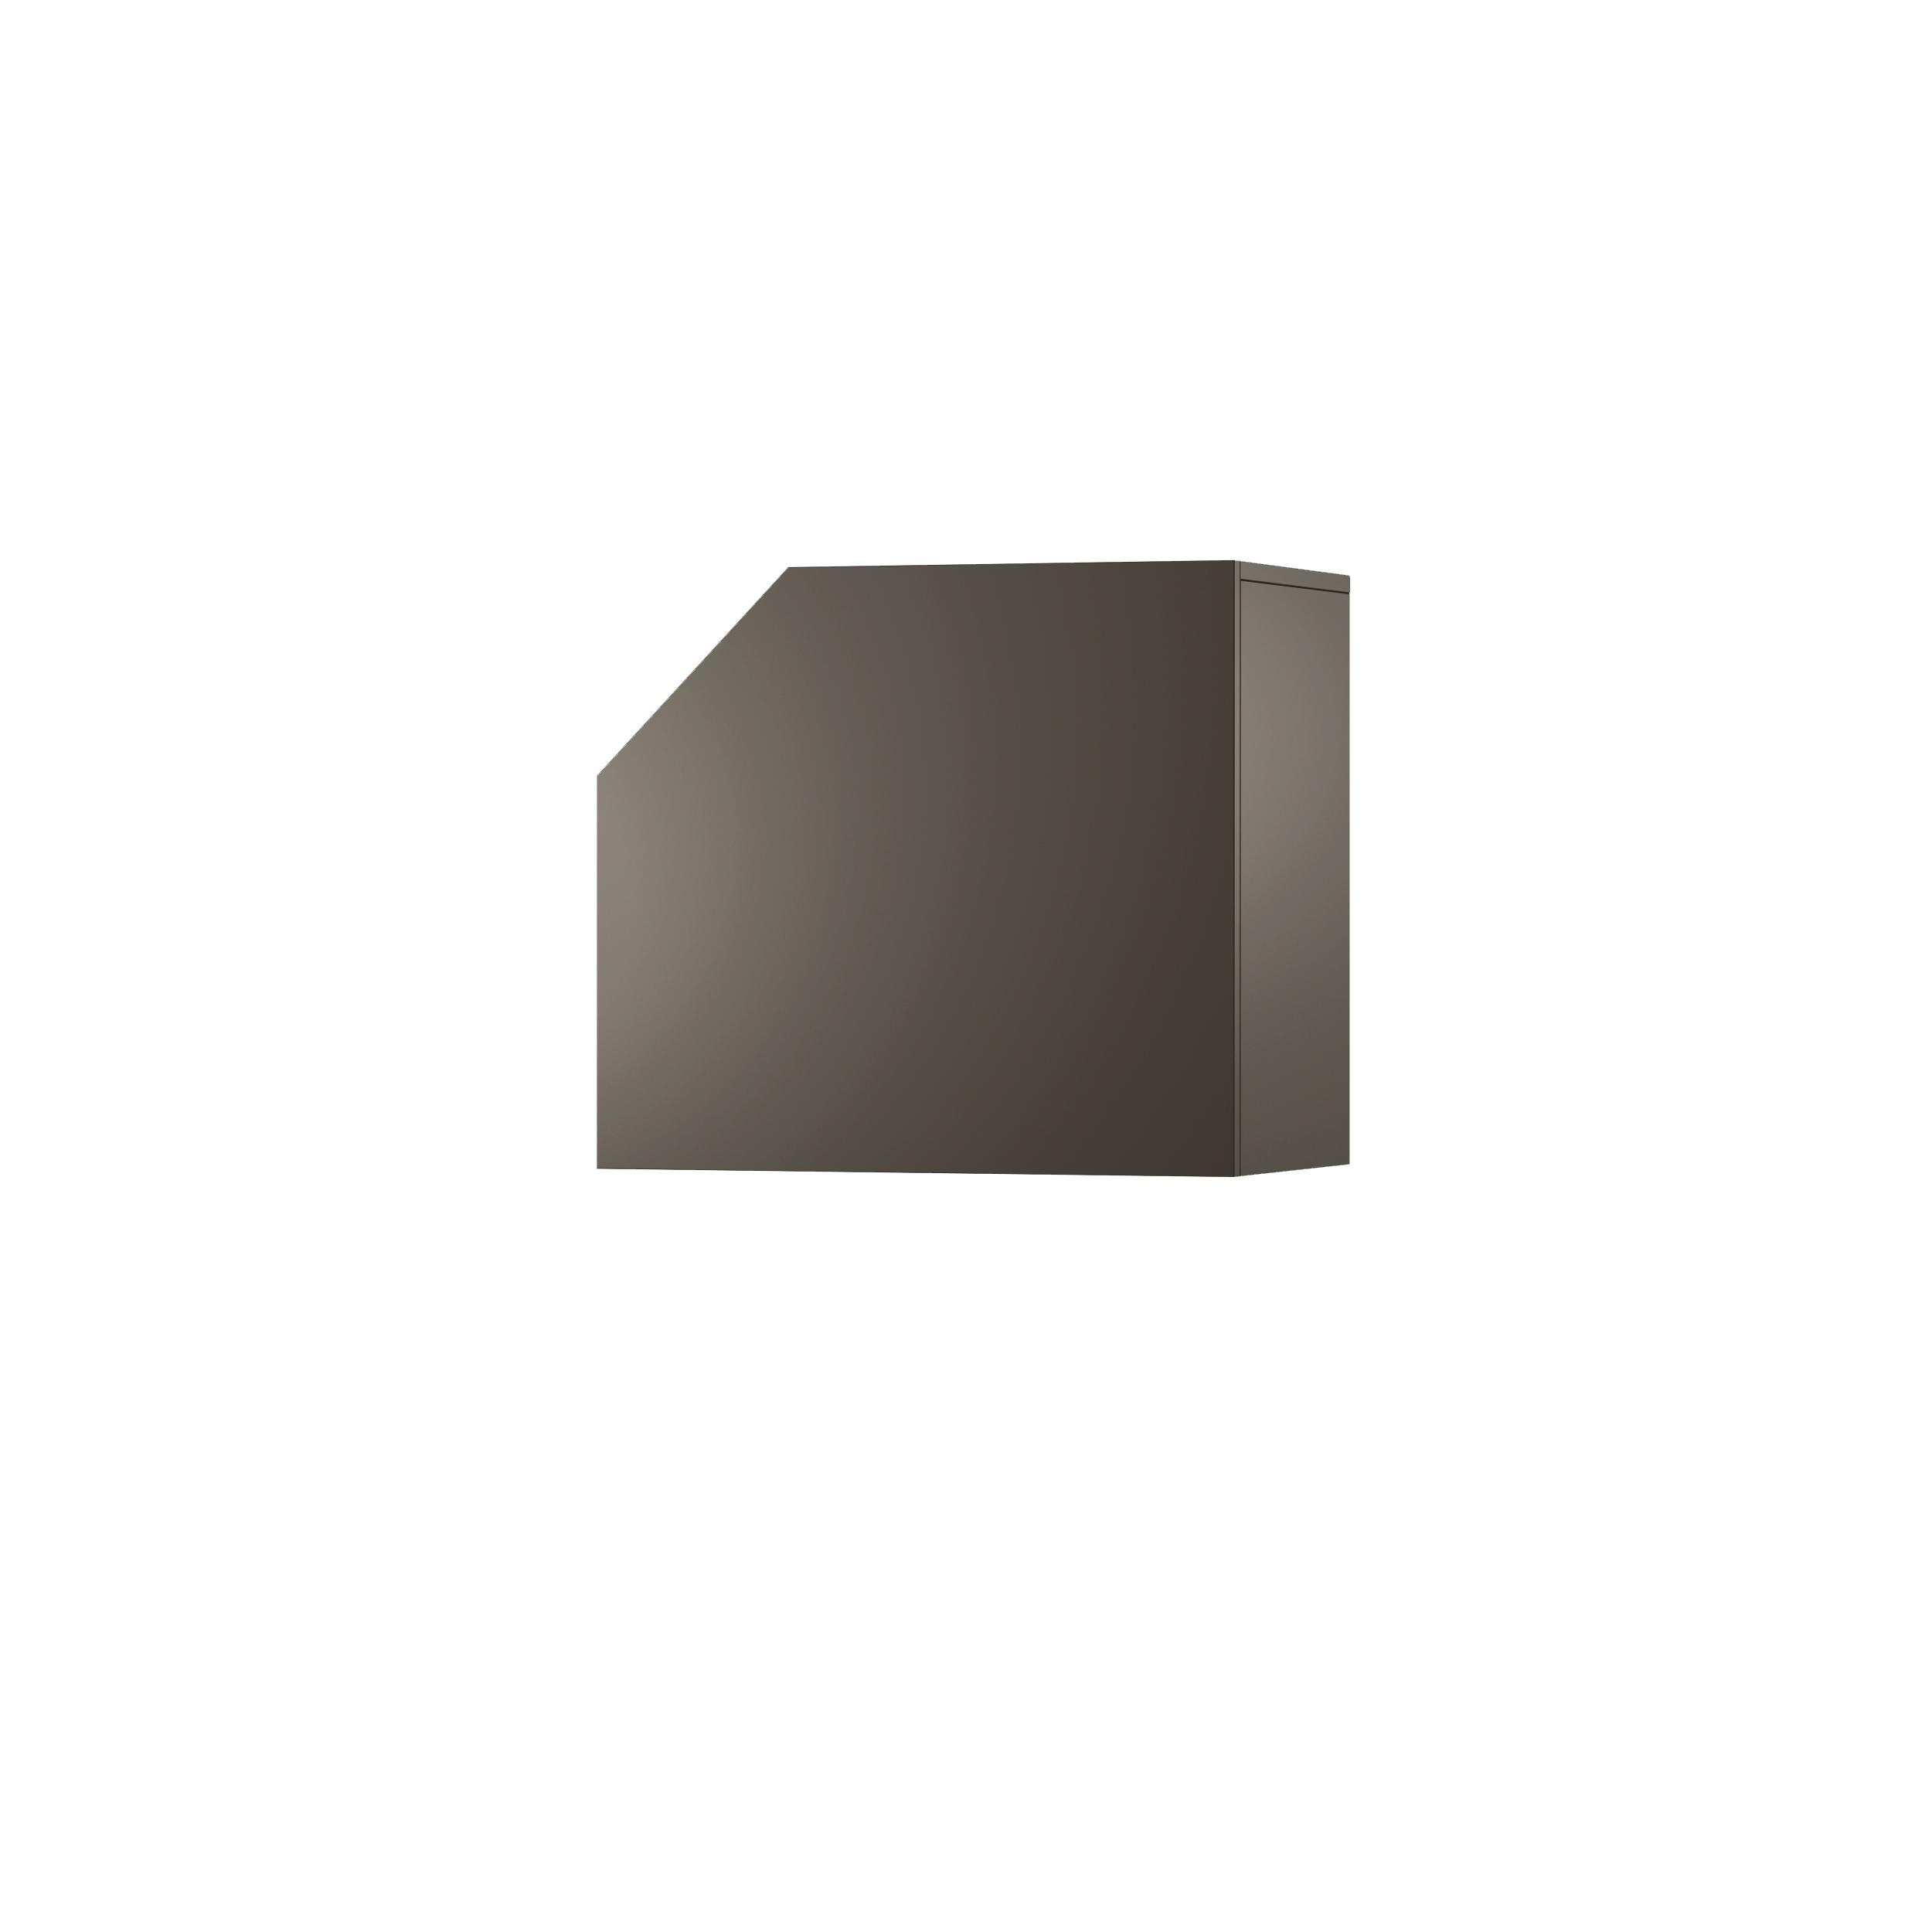 Dulap modular Nook Left Graphite, L65xl37xh58 cm